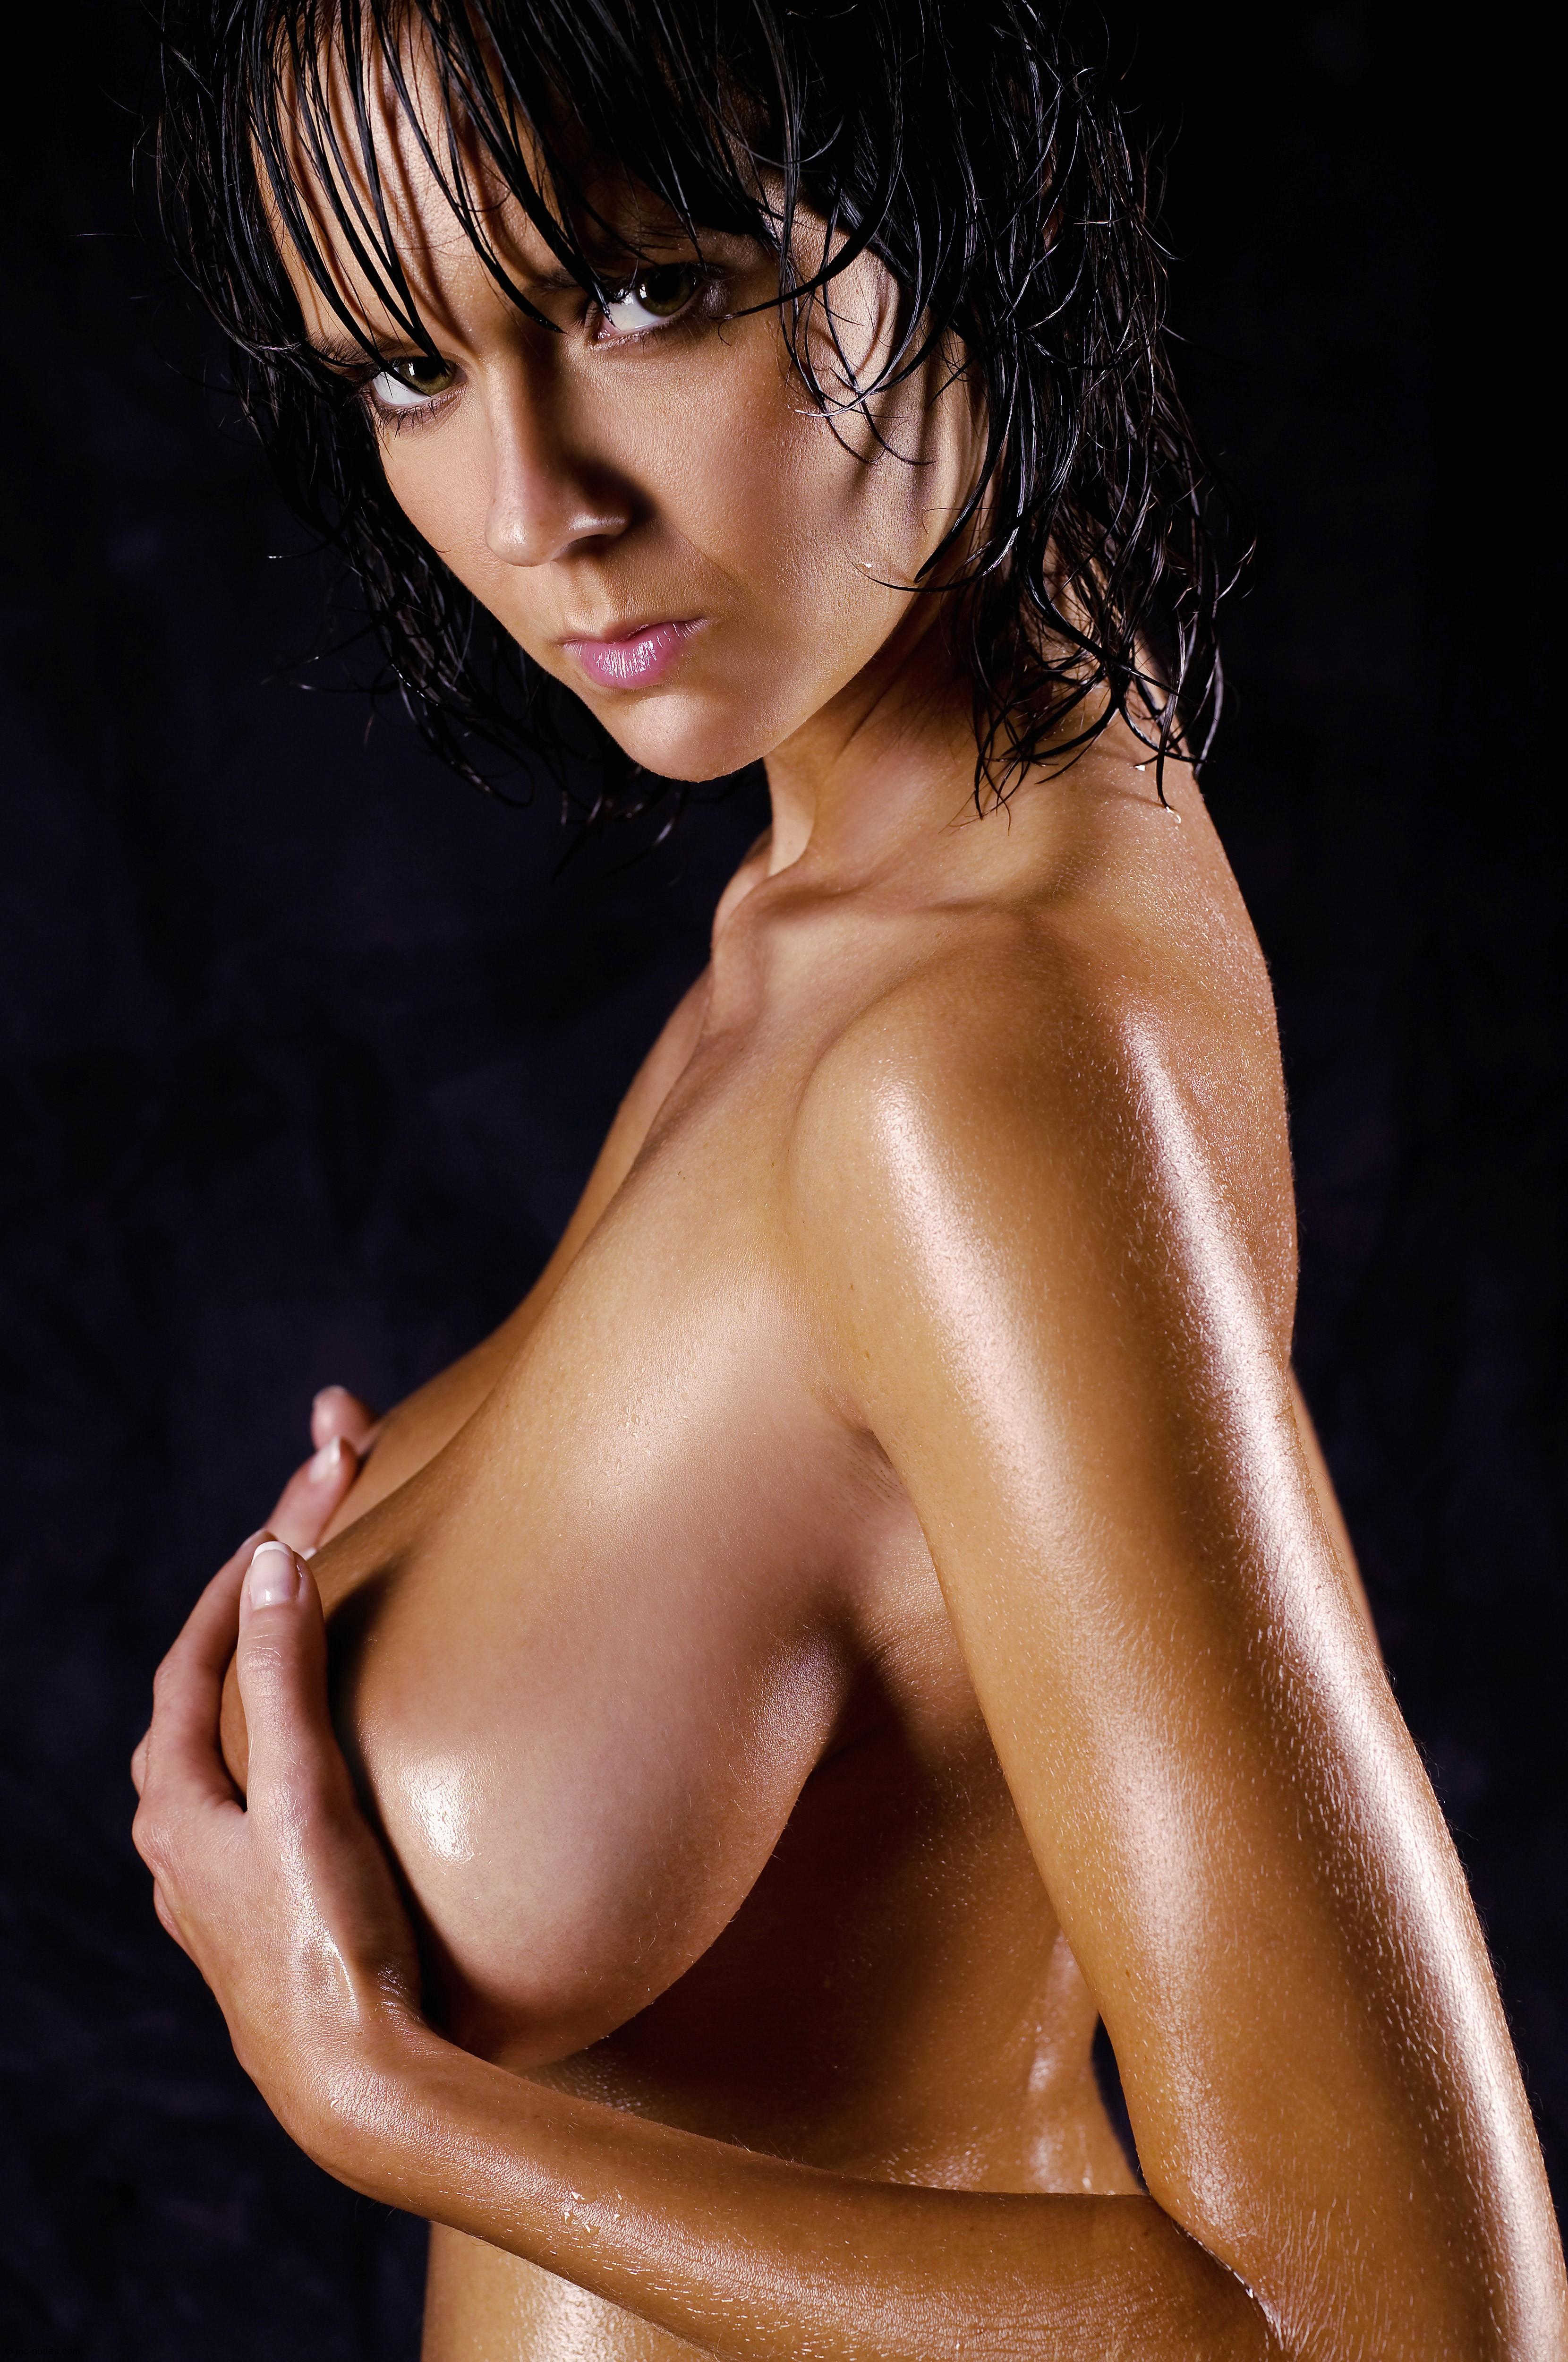 Karin Spolnikova Porn Pic - EPORNER